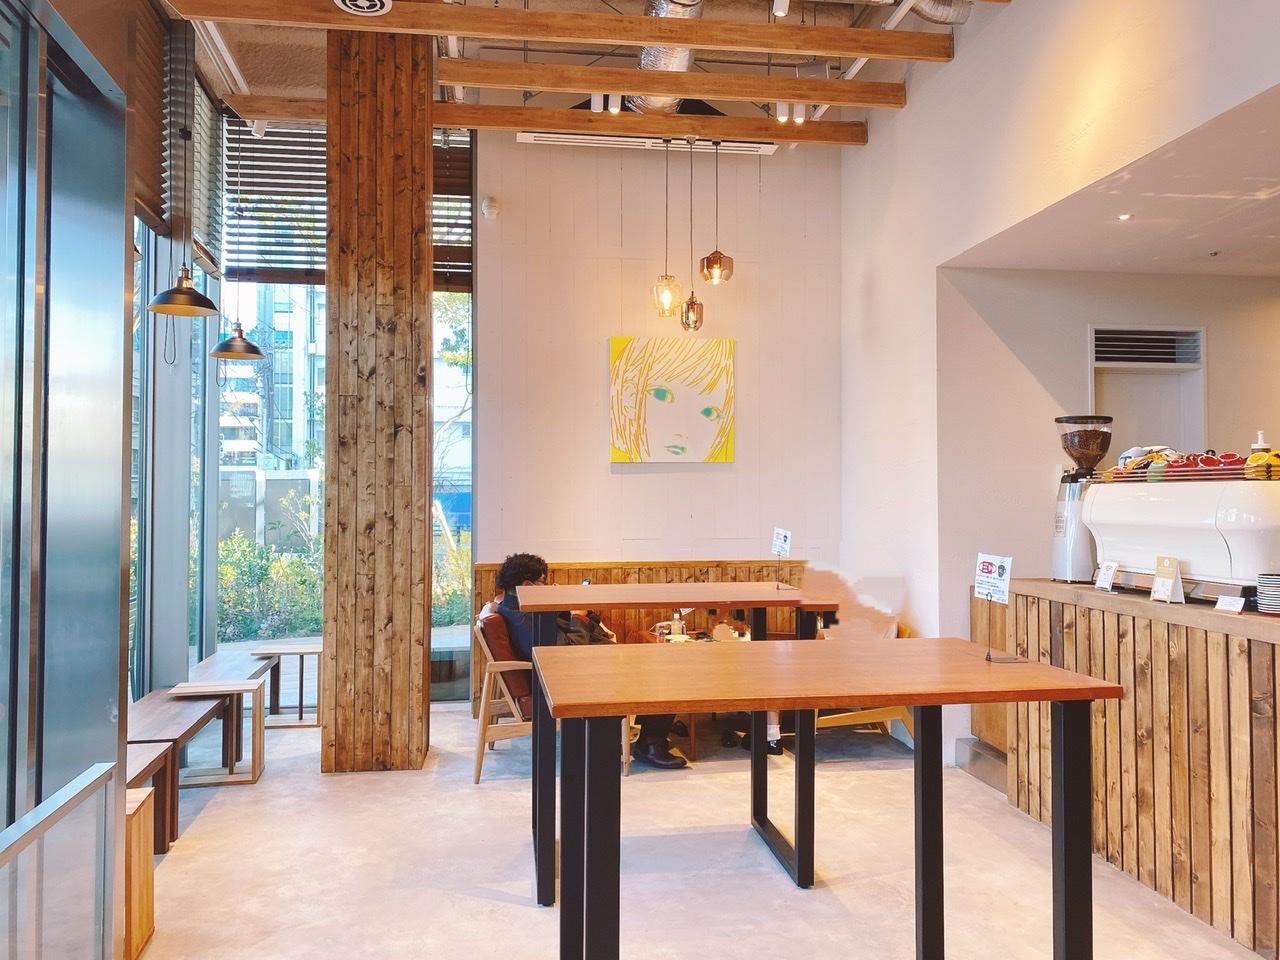 【表参道カフェ】世界1号店!スタバ創業メンバーが手掛ける《エリック・ローズ》が日本初上陸★_6